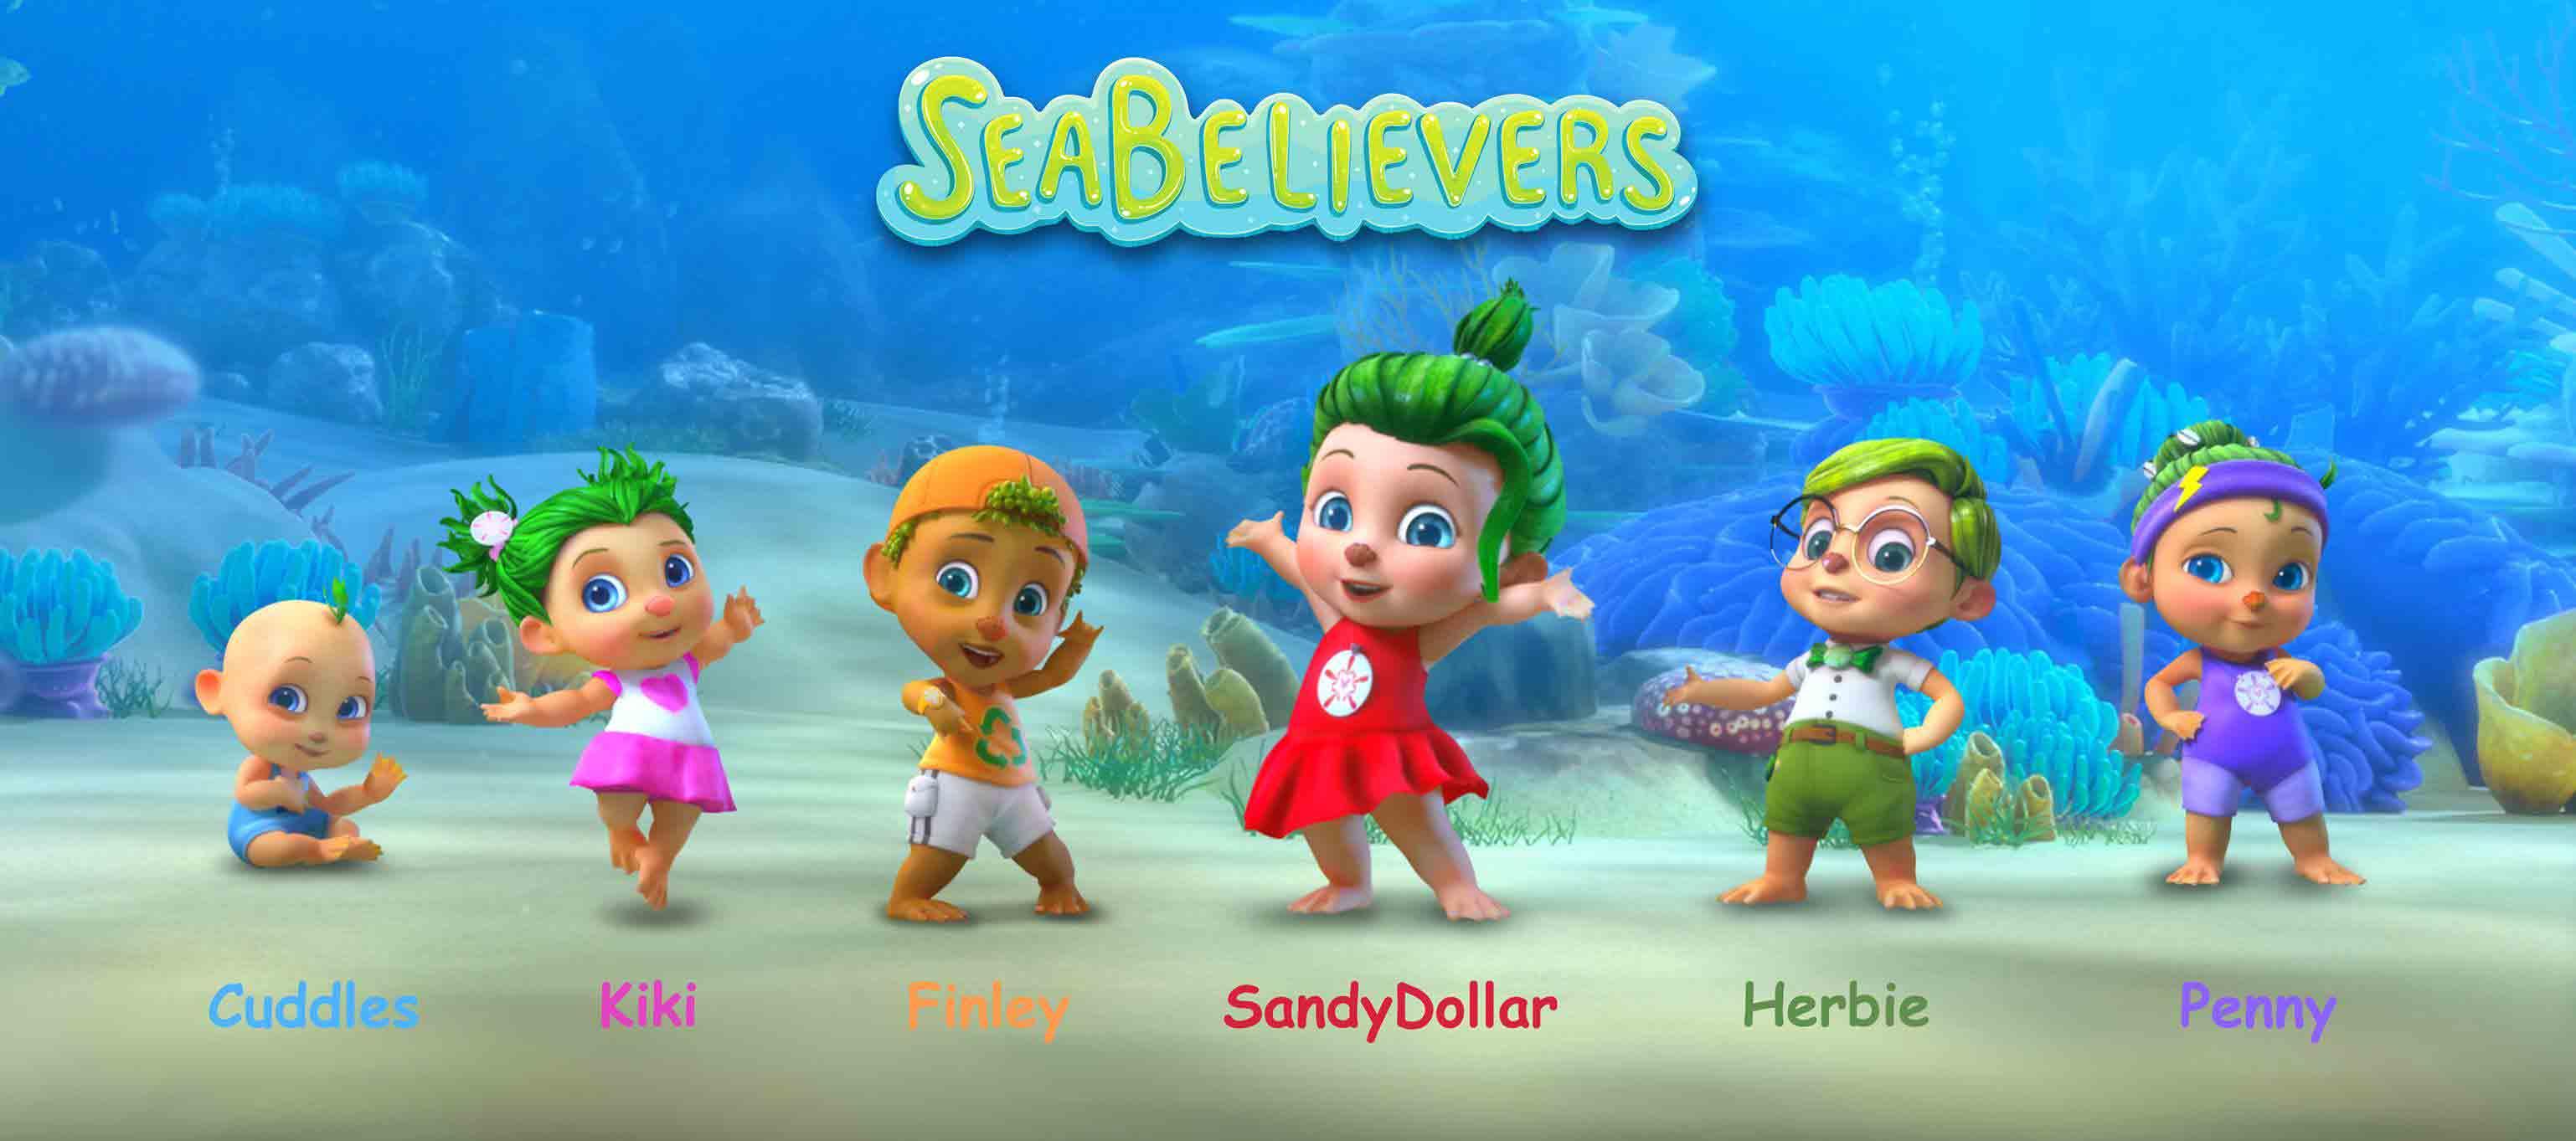 sea believers